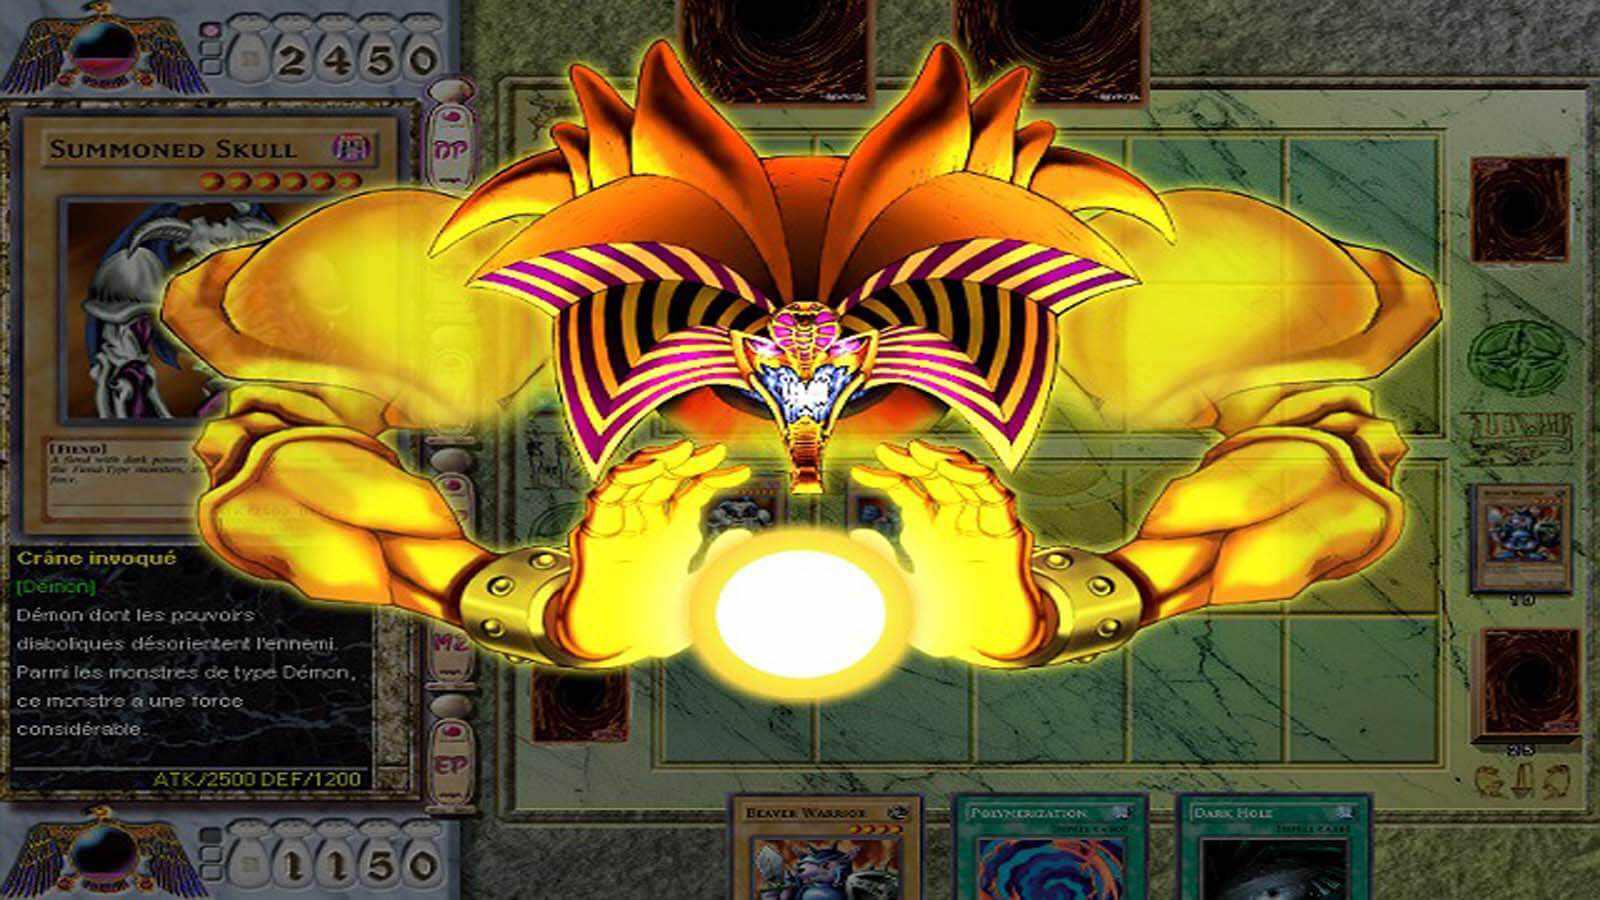 تحميل لعبة Power Of Chaos Yugi The Destiny مضغوطة برابط واحد مباشر كاملة مجانا